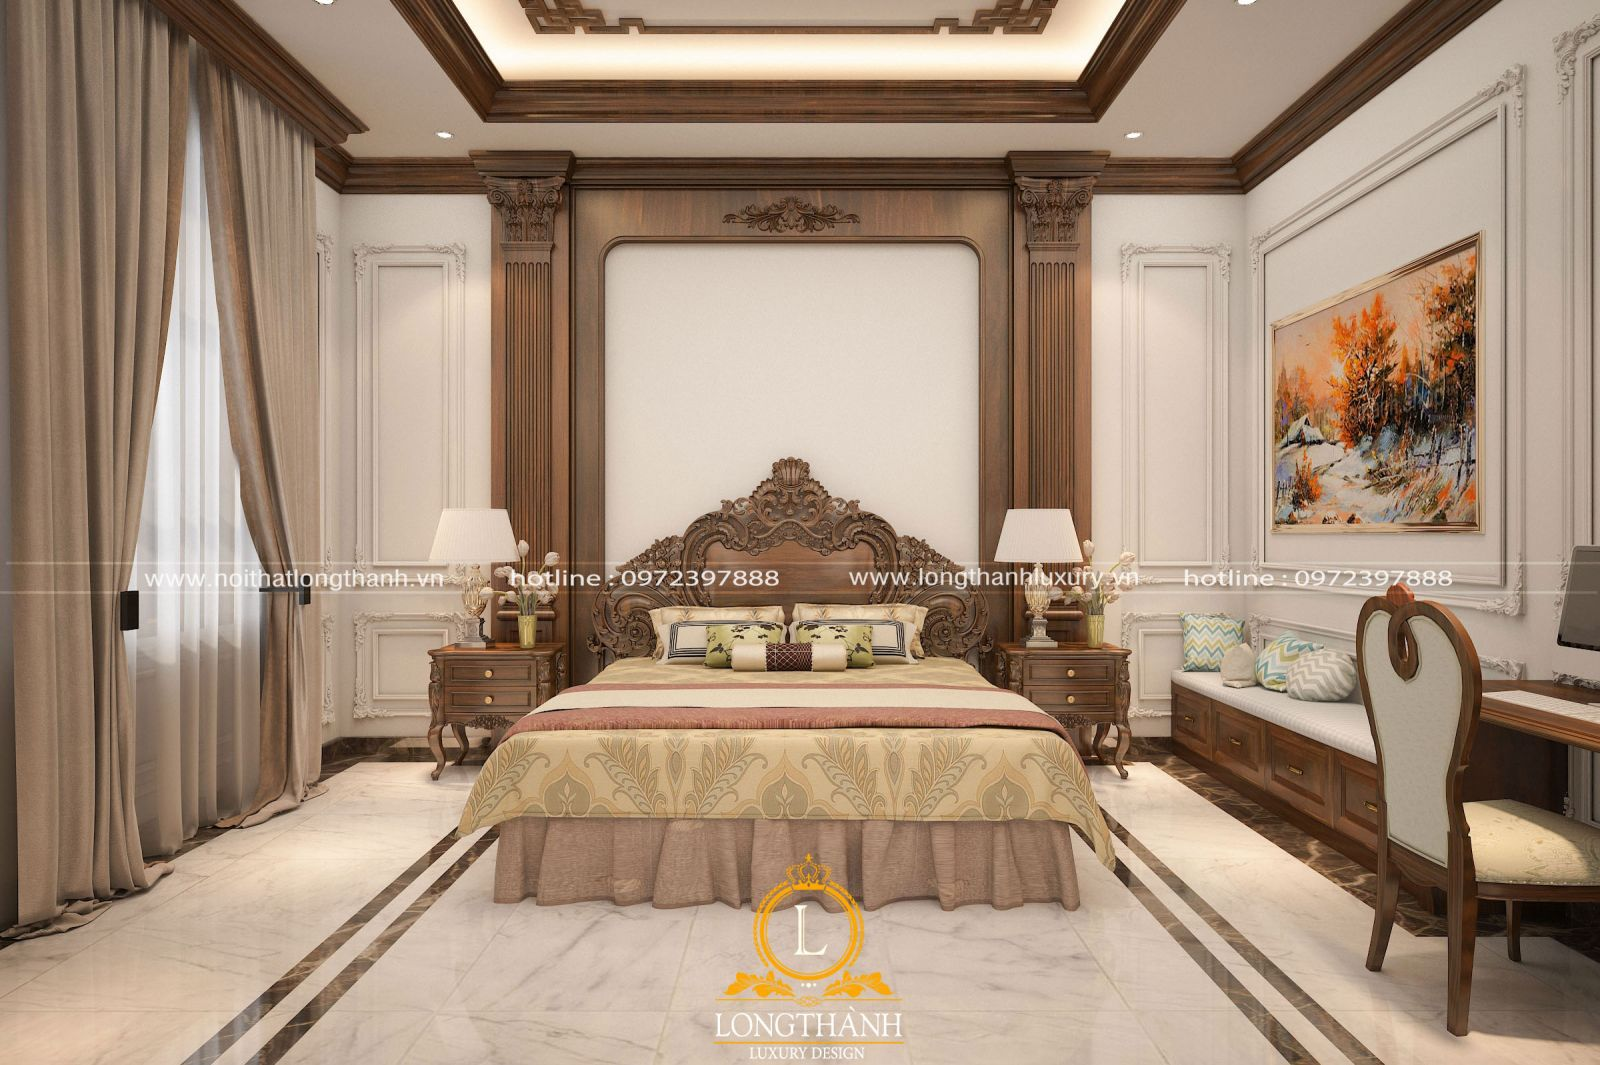 Phòng ngủ cao cấp dành cho người độc thân bận rộn